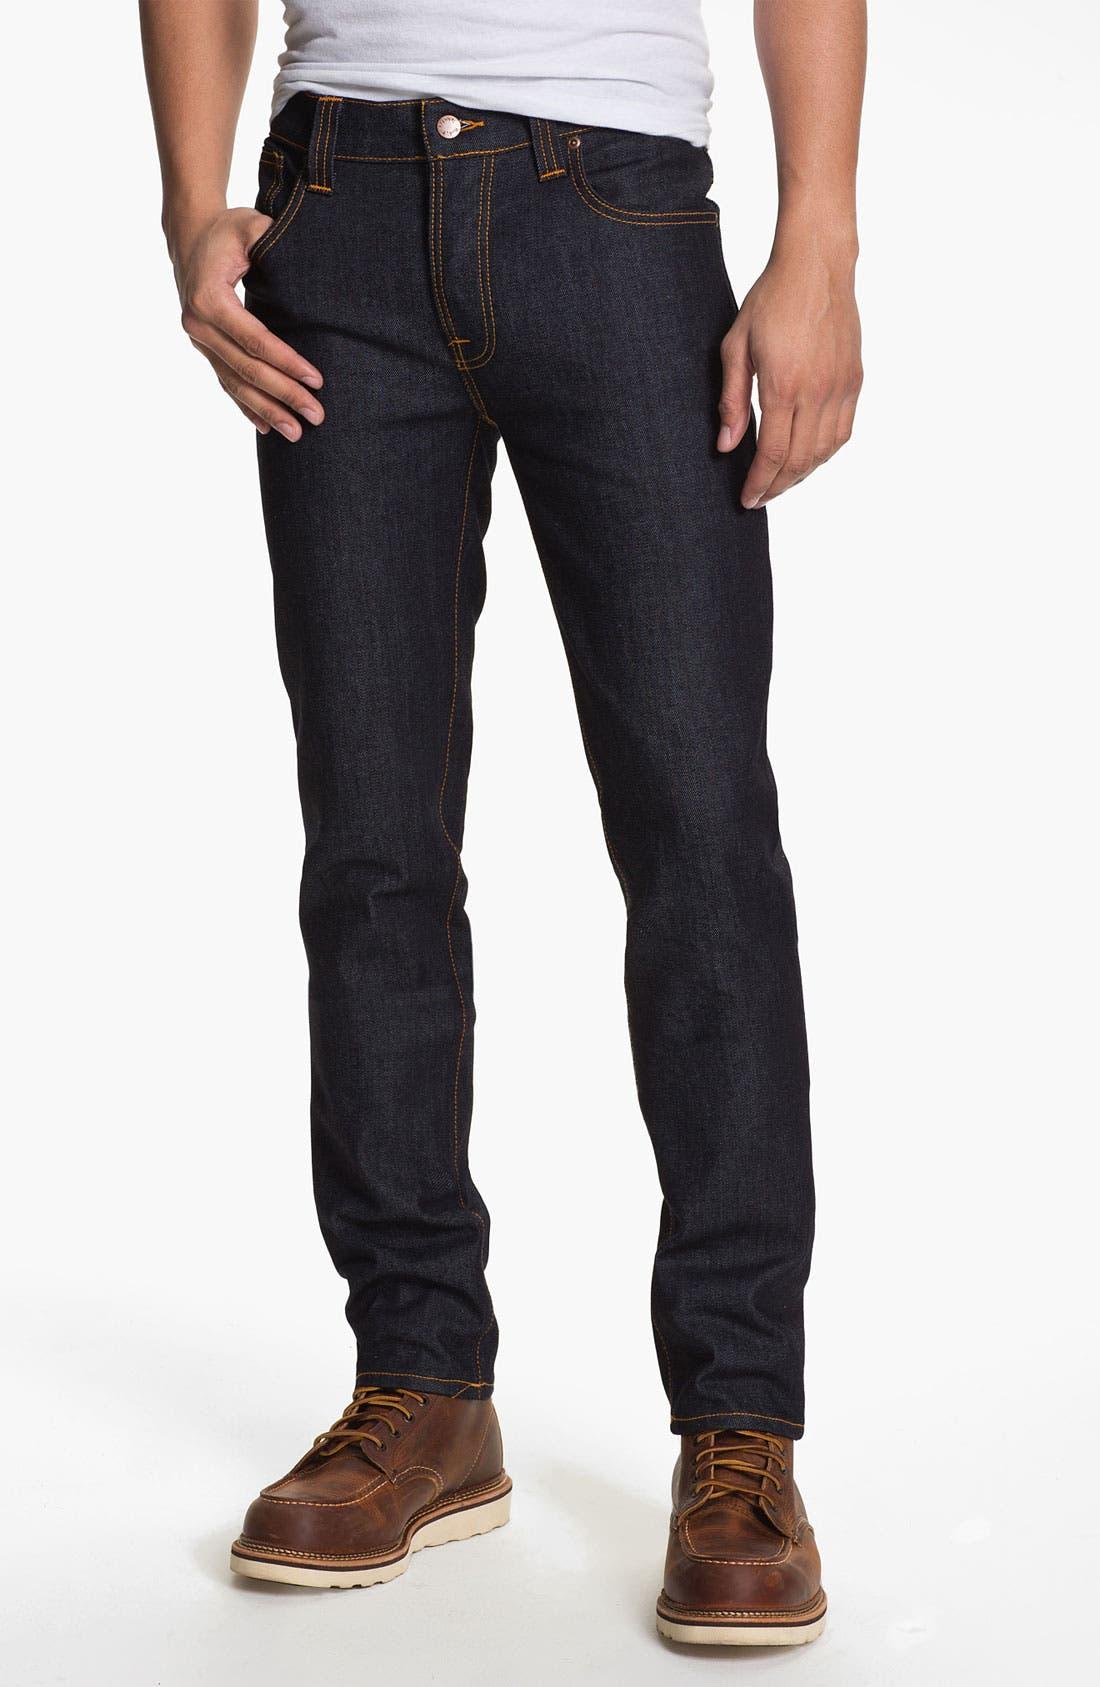 Alternate Image 1 Selected - Nudie 'Grim Tim' Slim Fit Jeans (Organic Dry Navy)